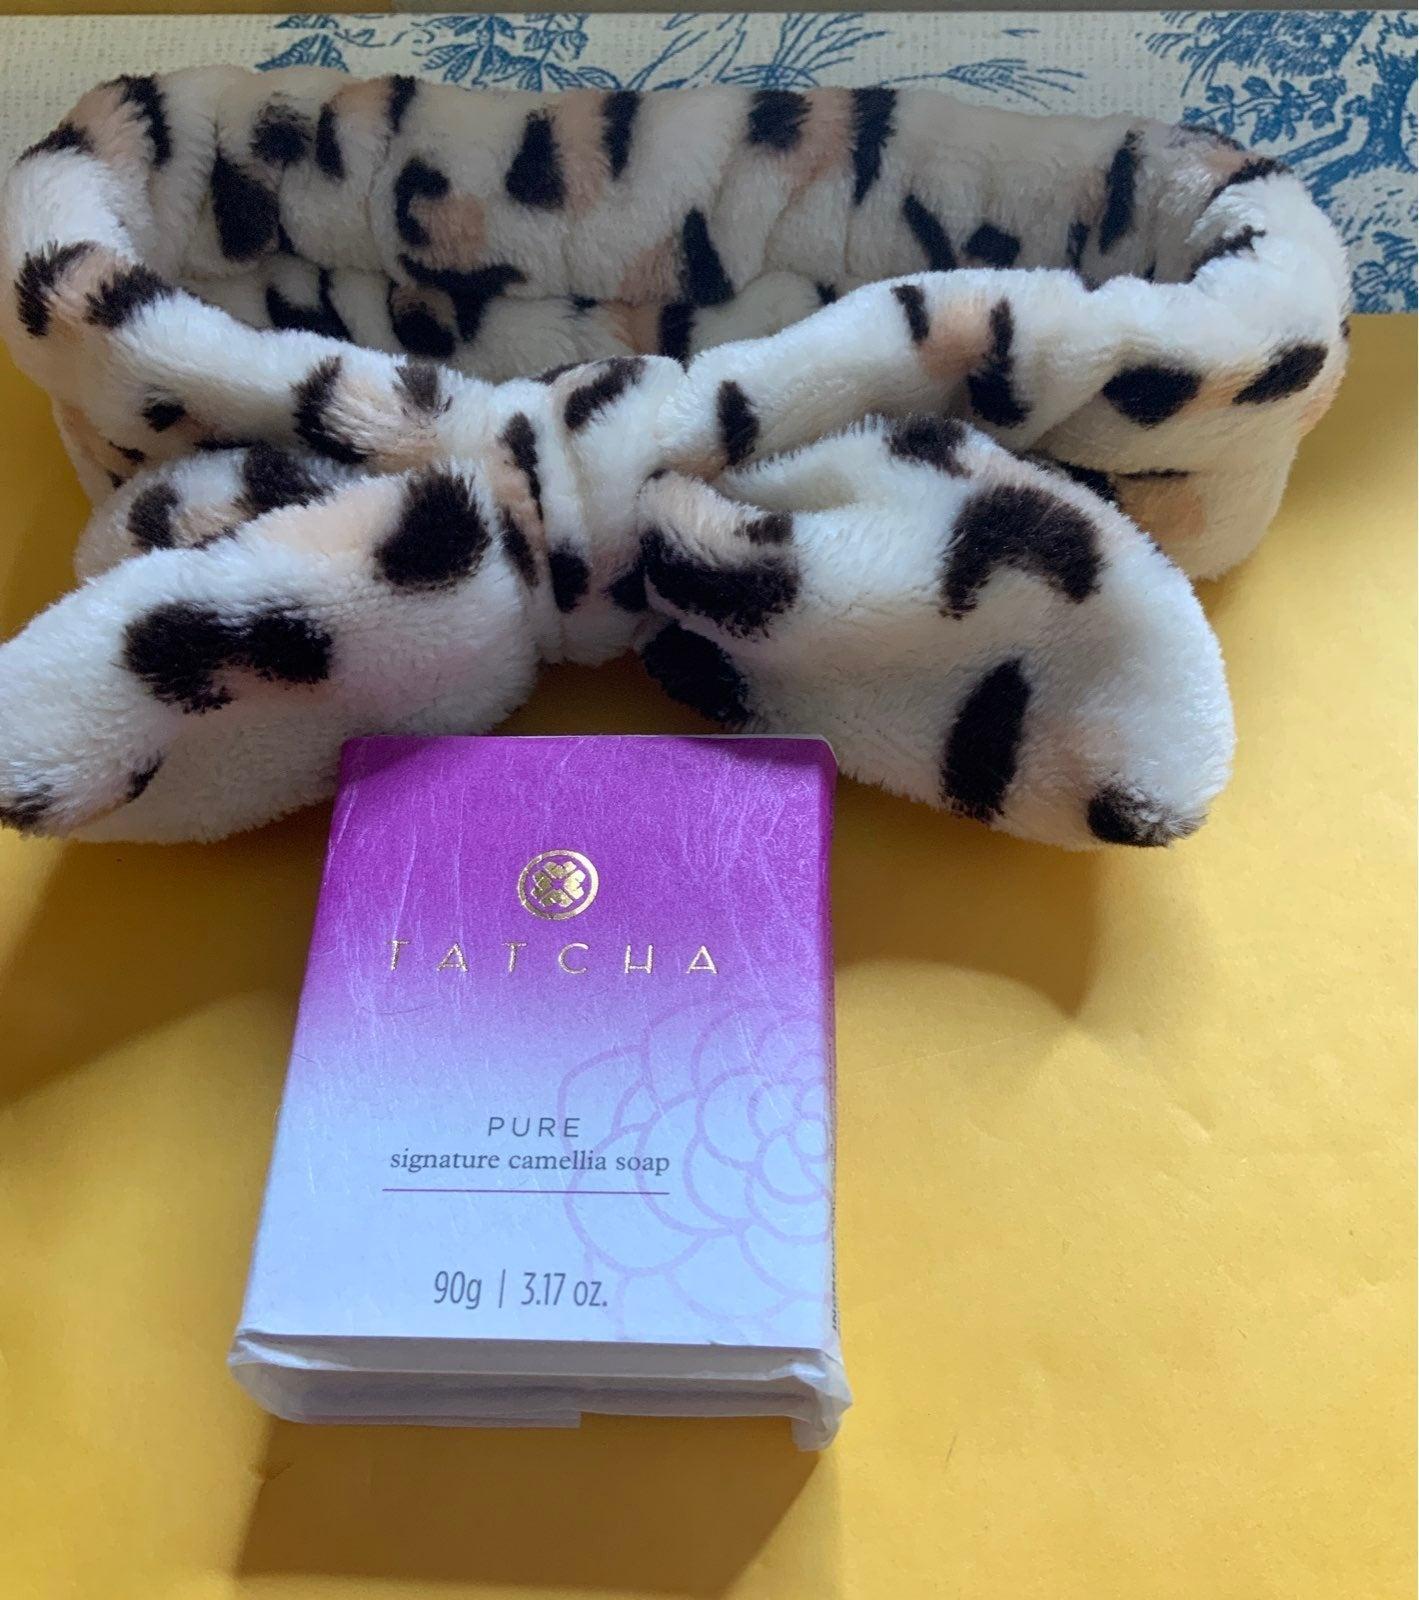 Tatcha signature camelia soap